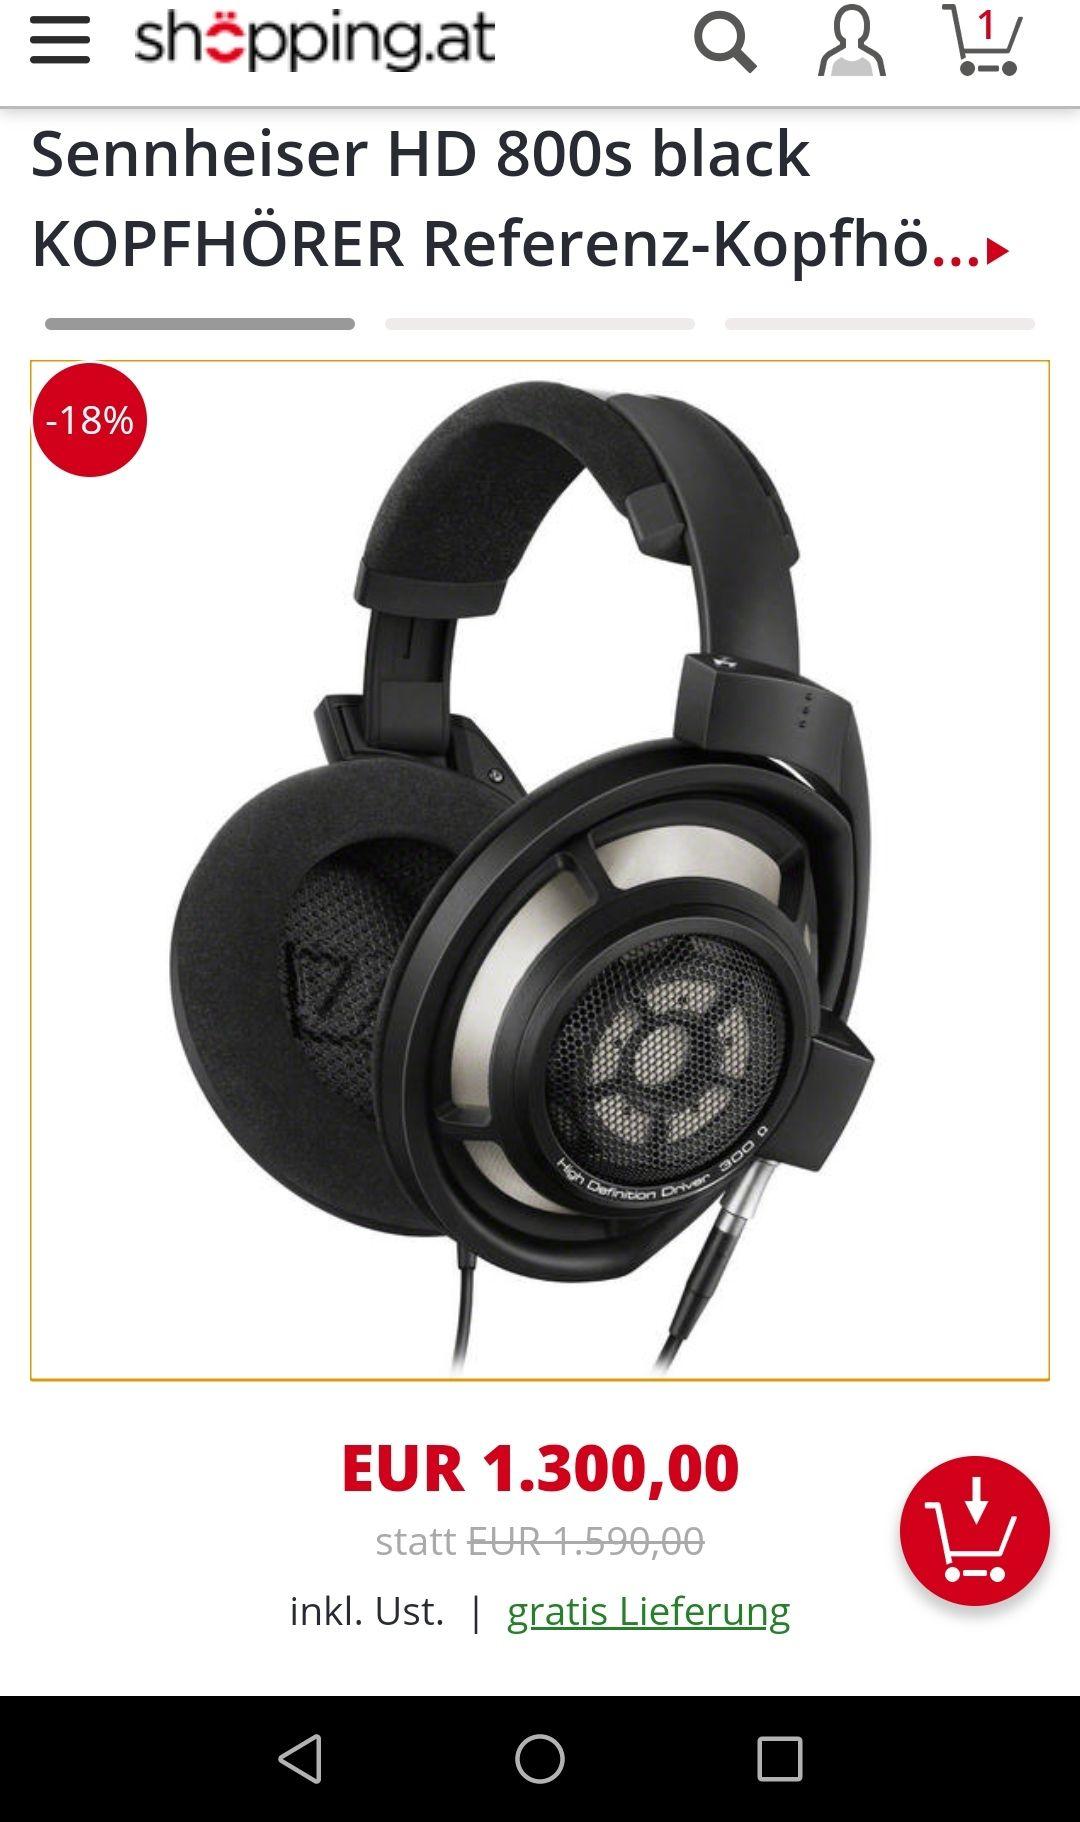 Sennheiser HD 800s black KOPFHÖRER Referenz-Kopfhörer inkl. sym. XLR Kabel